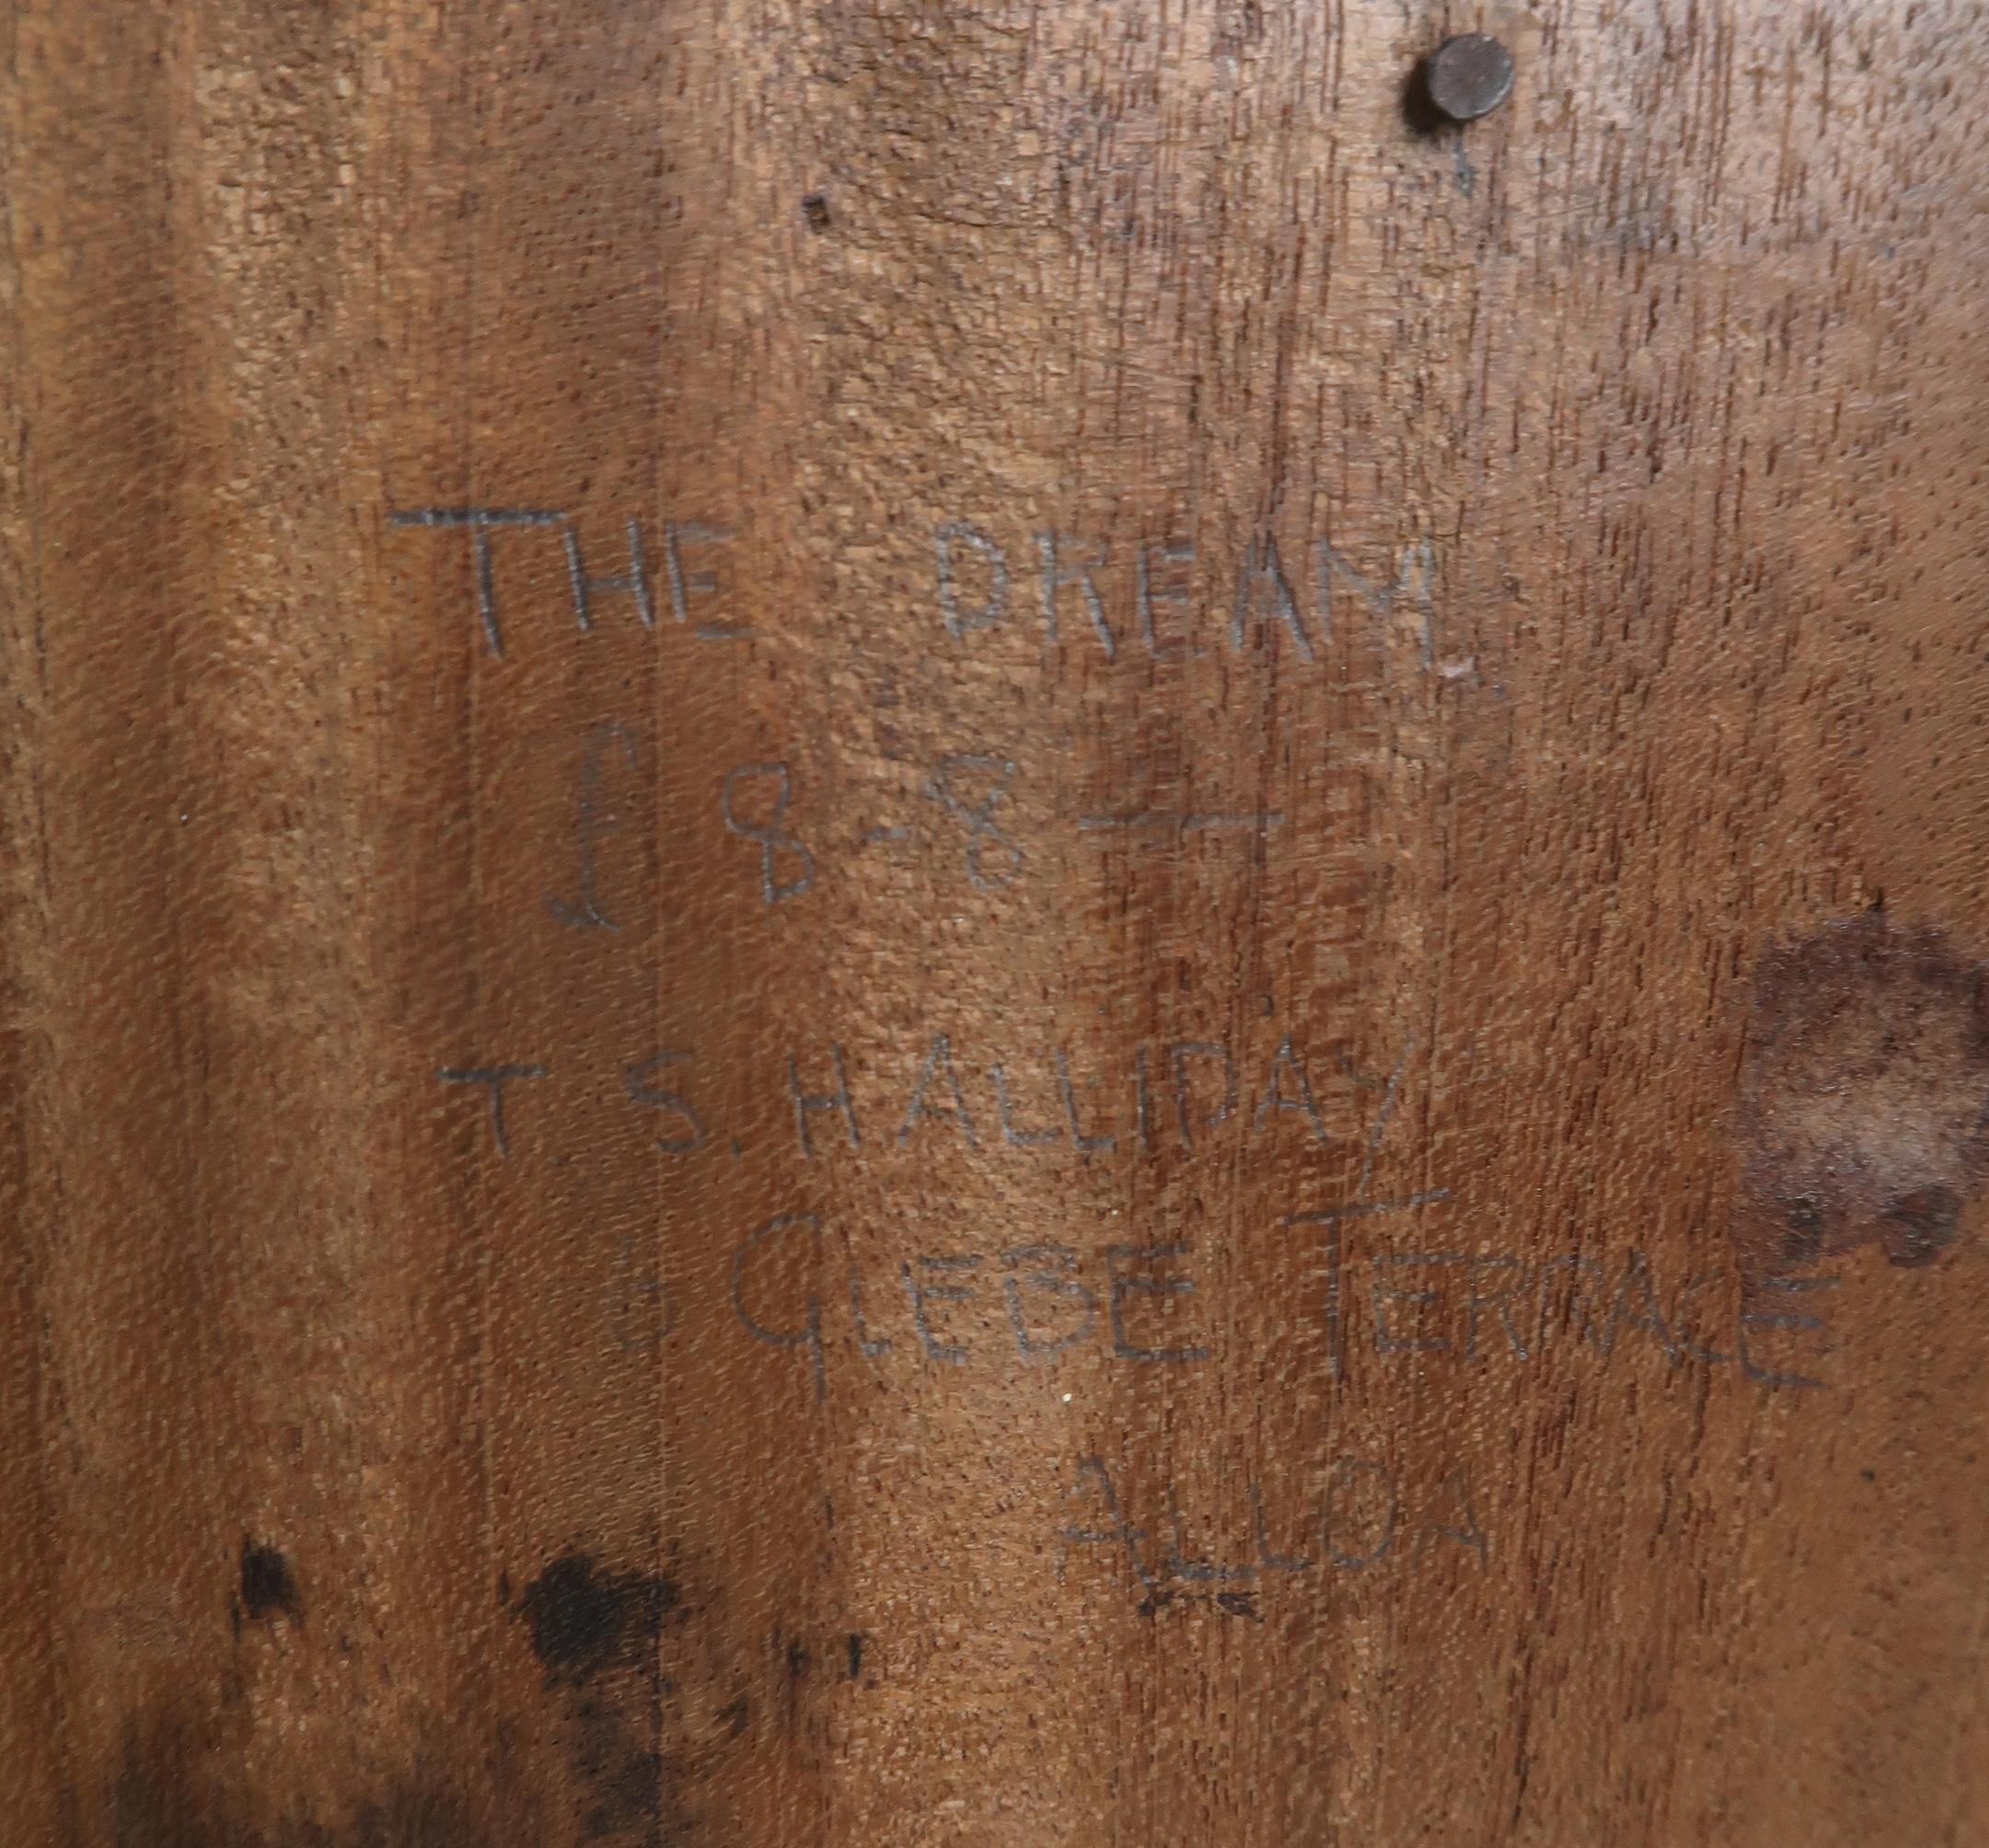 •THOMAS SYMINGTON HALLIDAY MBE, FRSA, DA (SCOTTISH 1902-1988) THE DREAM carved wood panel, signed - Image 4 of 6